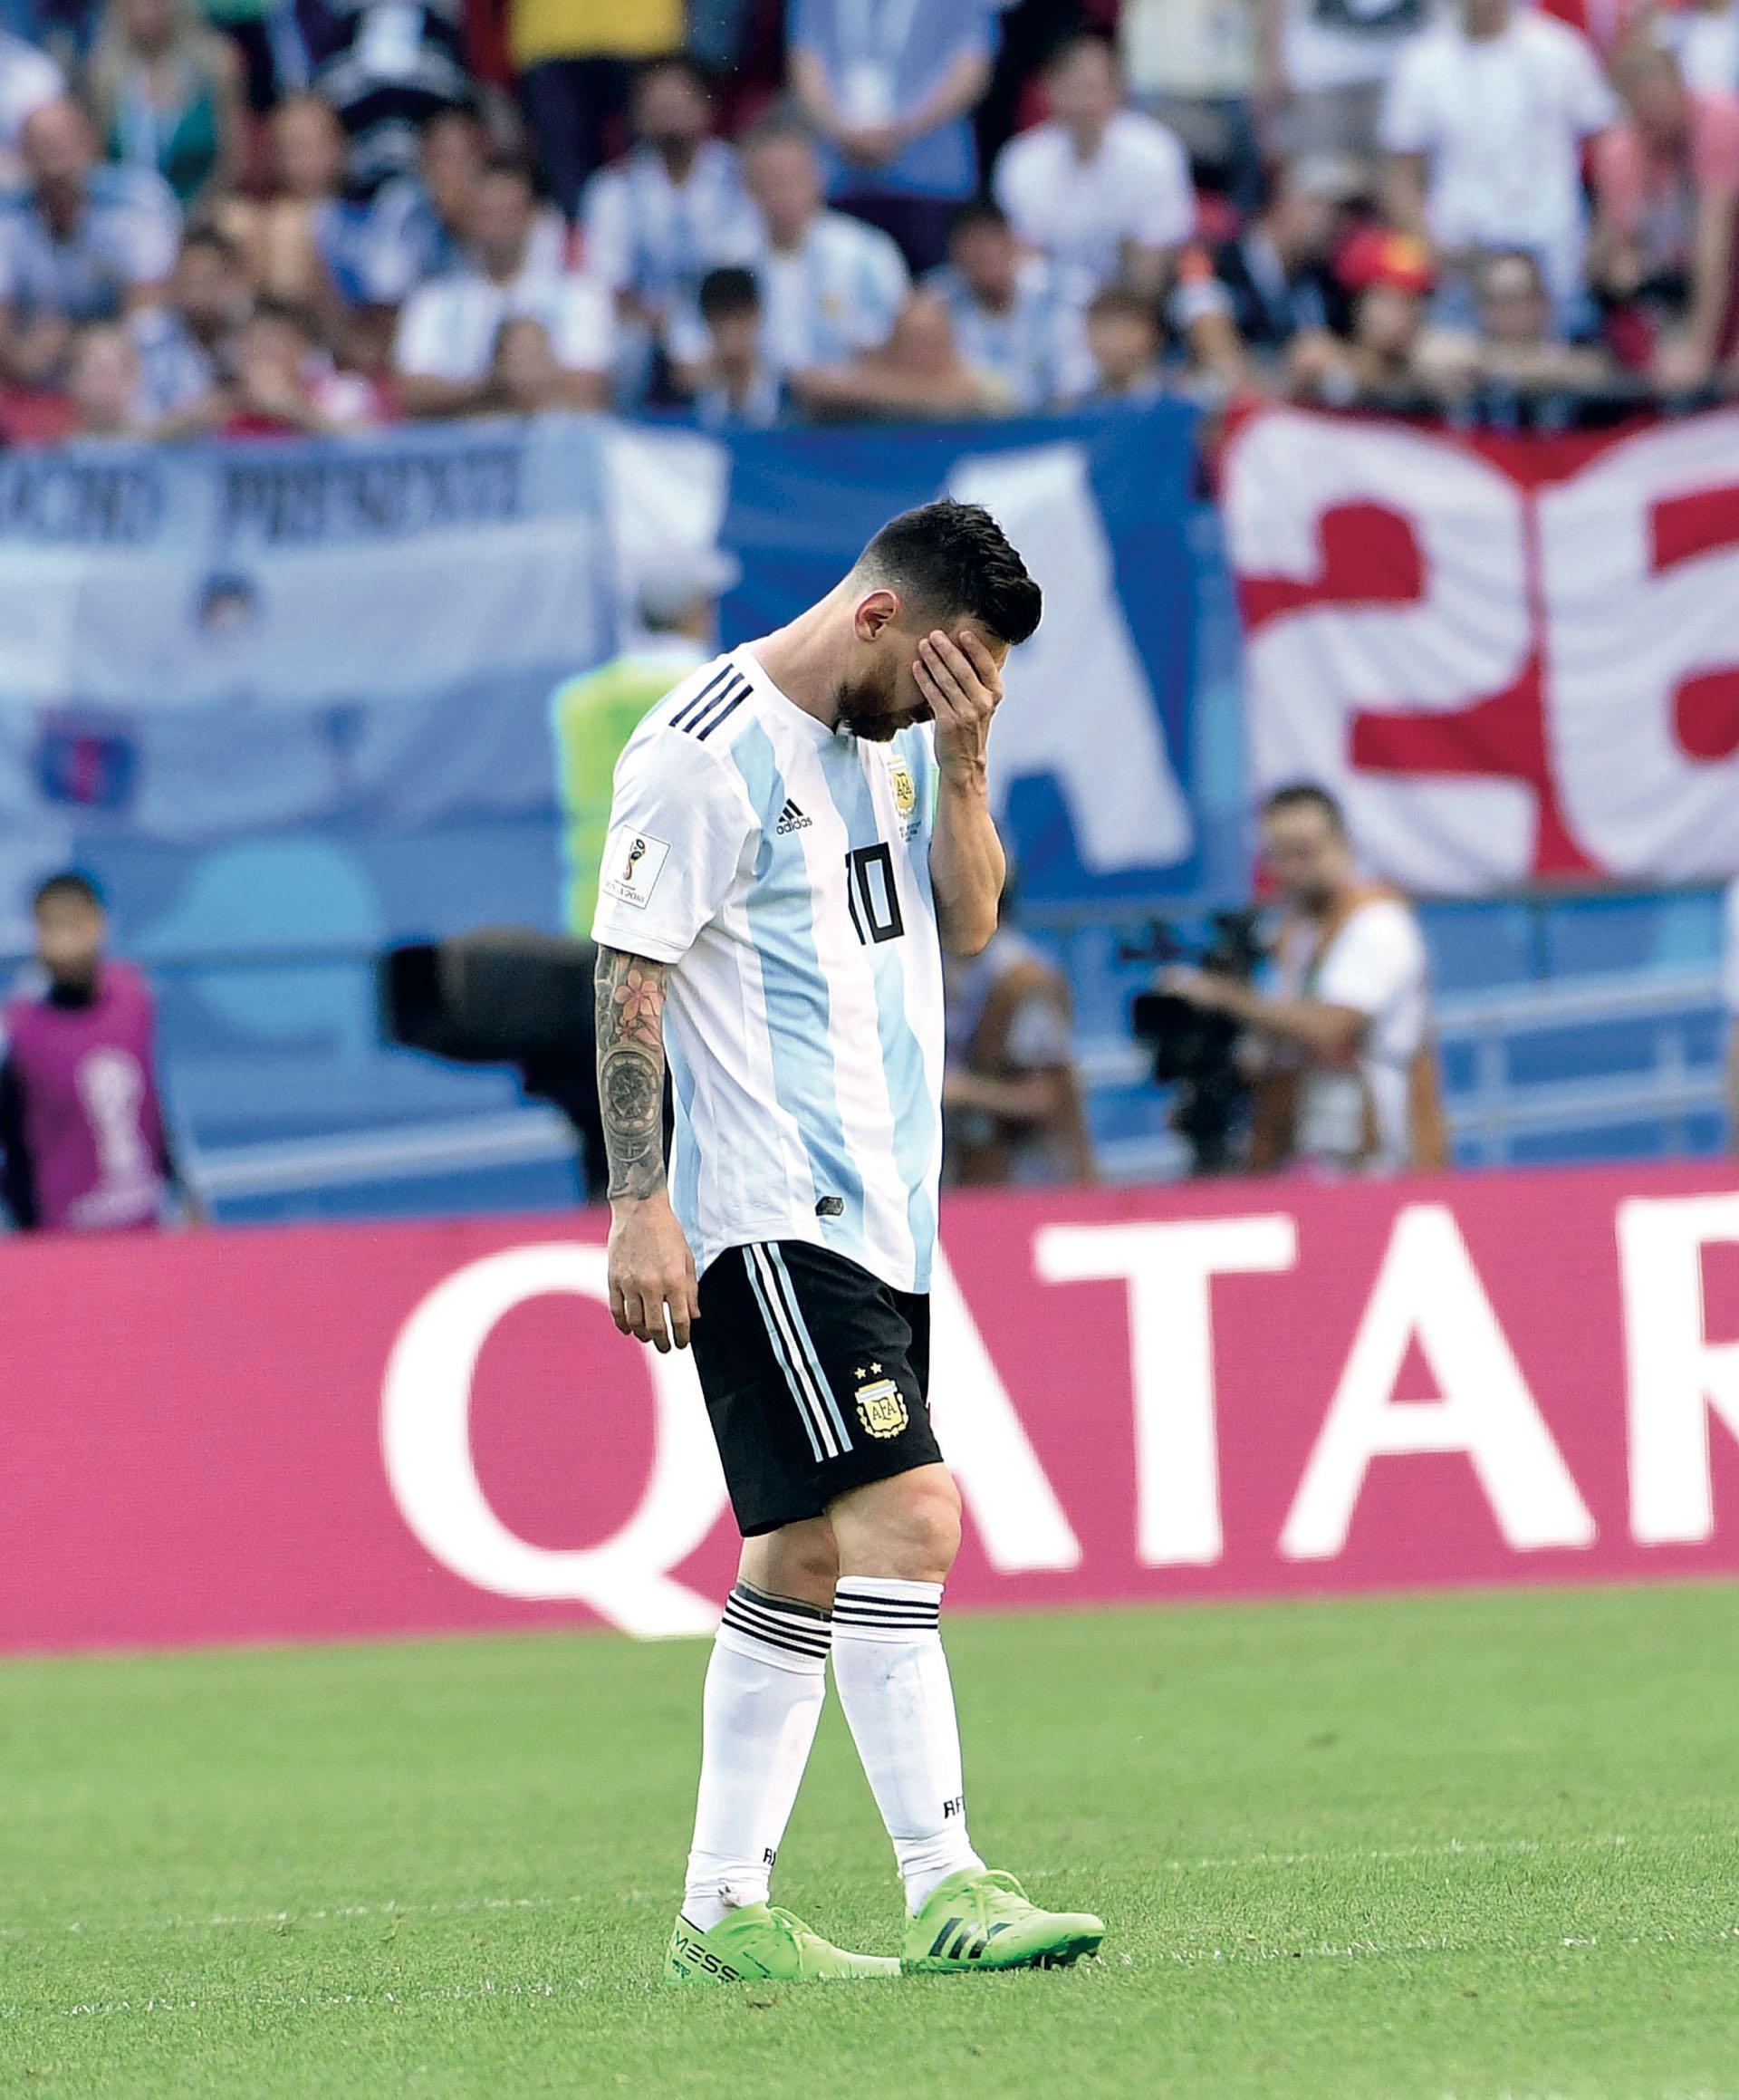 La imagen que no deseábamos: Messi con gesto de decepción. Esta fue la cuarta participación de Lionel en Mundiales y, a los 31 años, deberá evaluar su futuro con la celeste y blanca. Las puertas, sin dudas, siempre estarán abiertas para él.